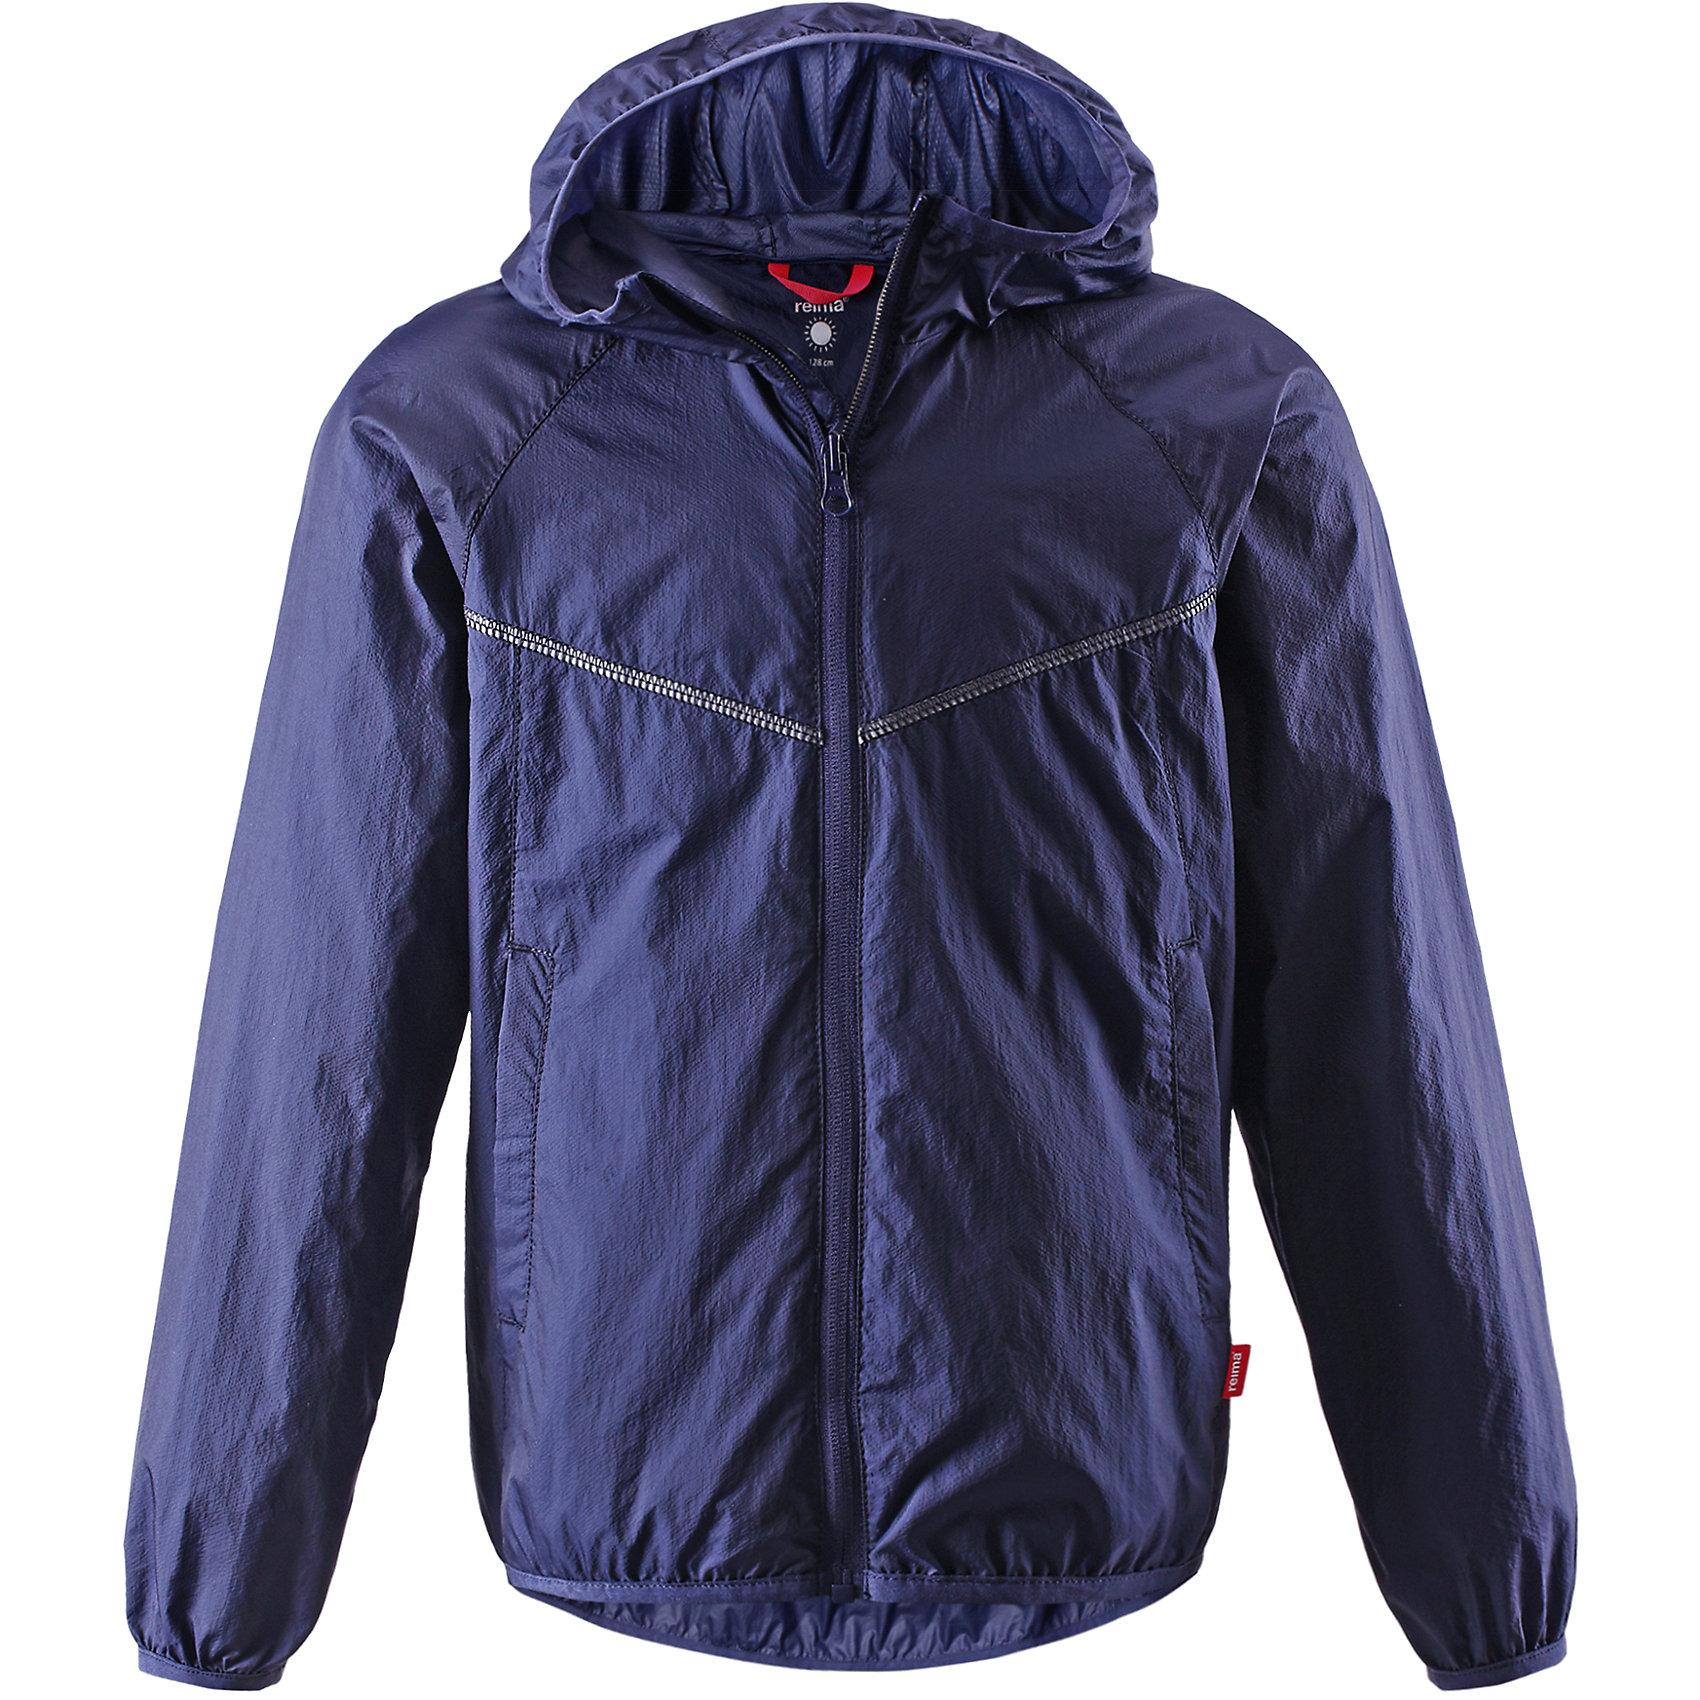 Reima Куртка Reima reima двухсторонняя куртка reima 616368